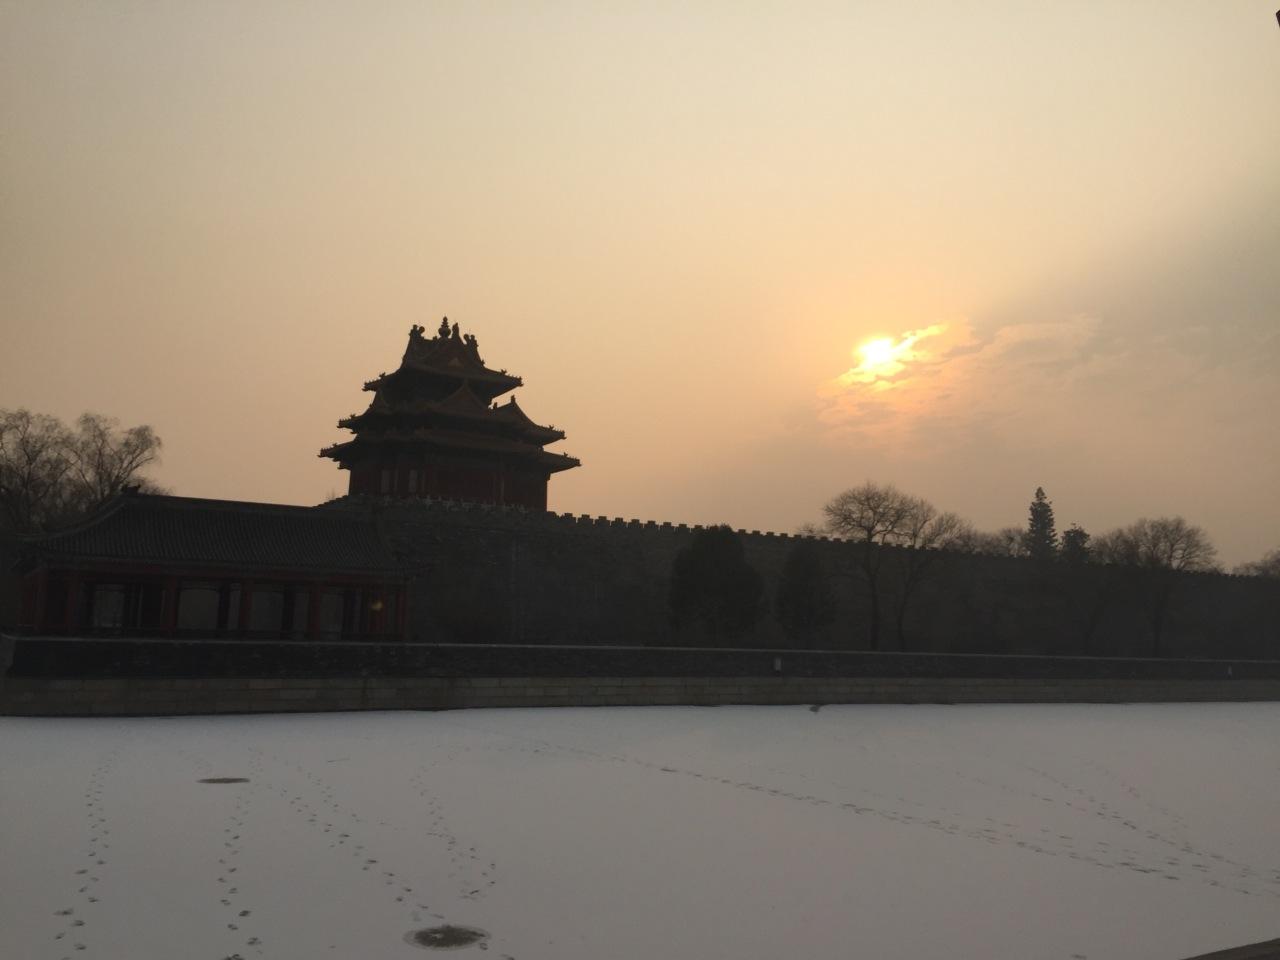 Beijing sightseeing tourist style